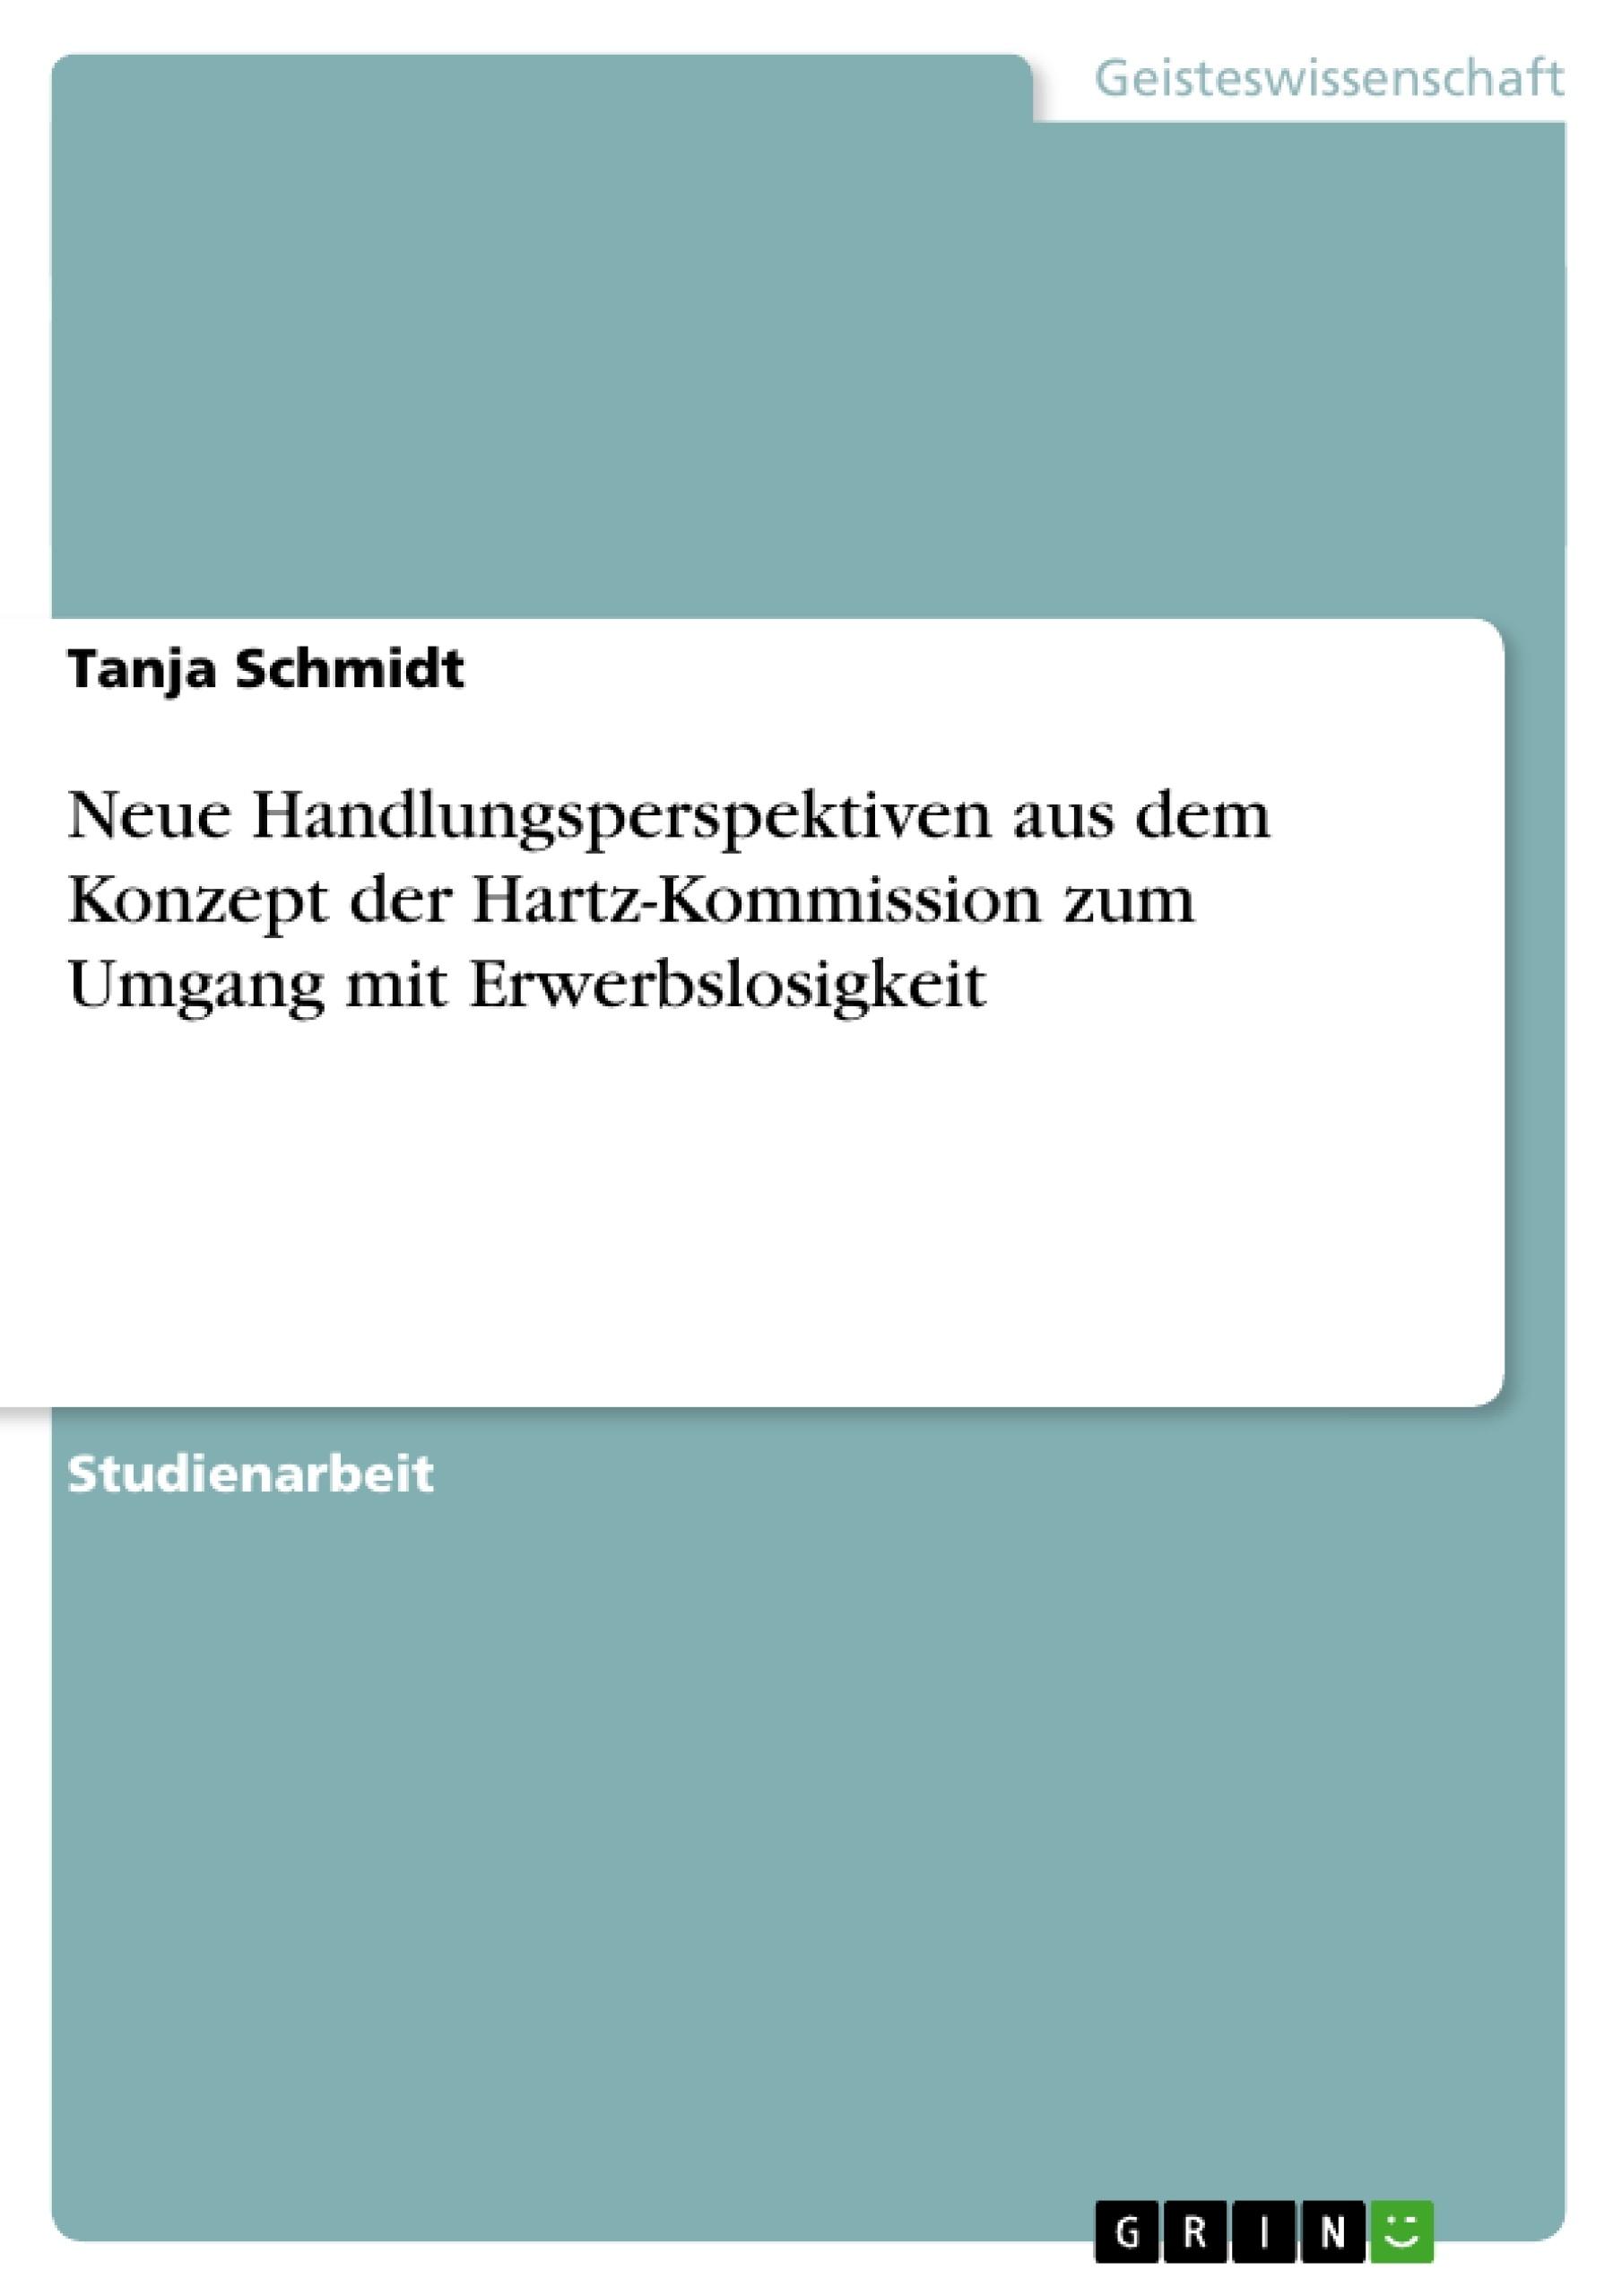 Titel: Neue Handlungsperspektiven aus dem Konzept der Hartz-Kommission zum Umgang mit Erwerbslosigkeit